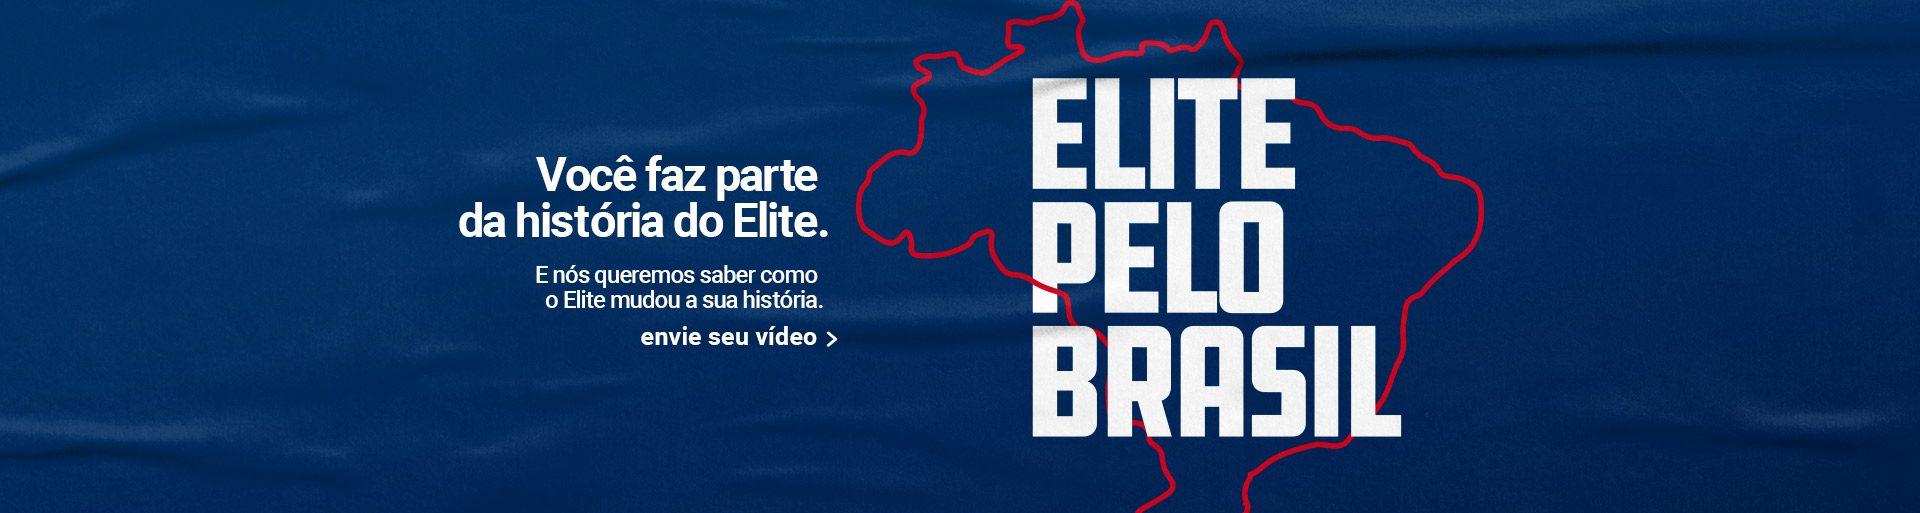 Envie seu vídeo para o Elite Pelo Brasil